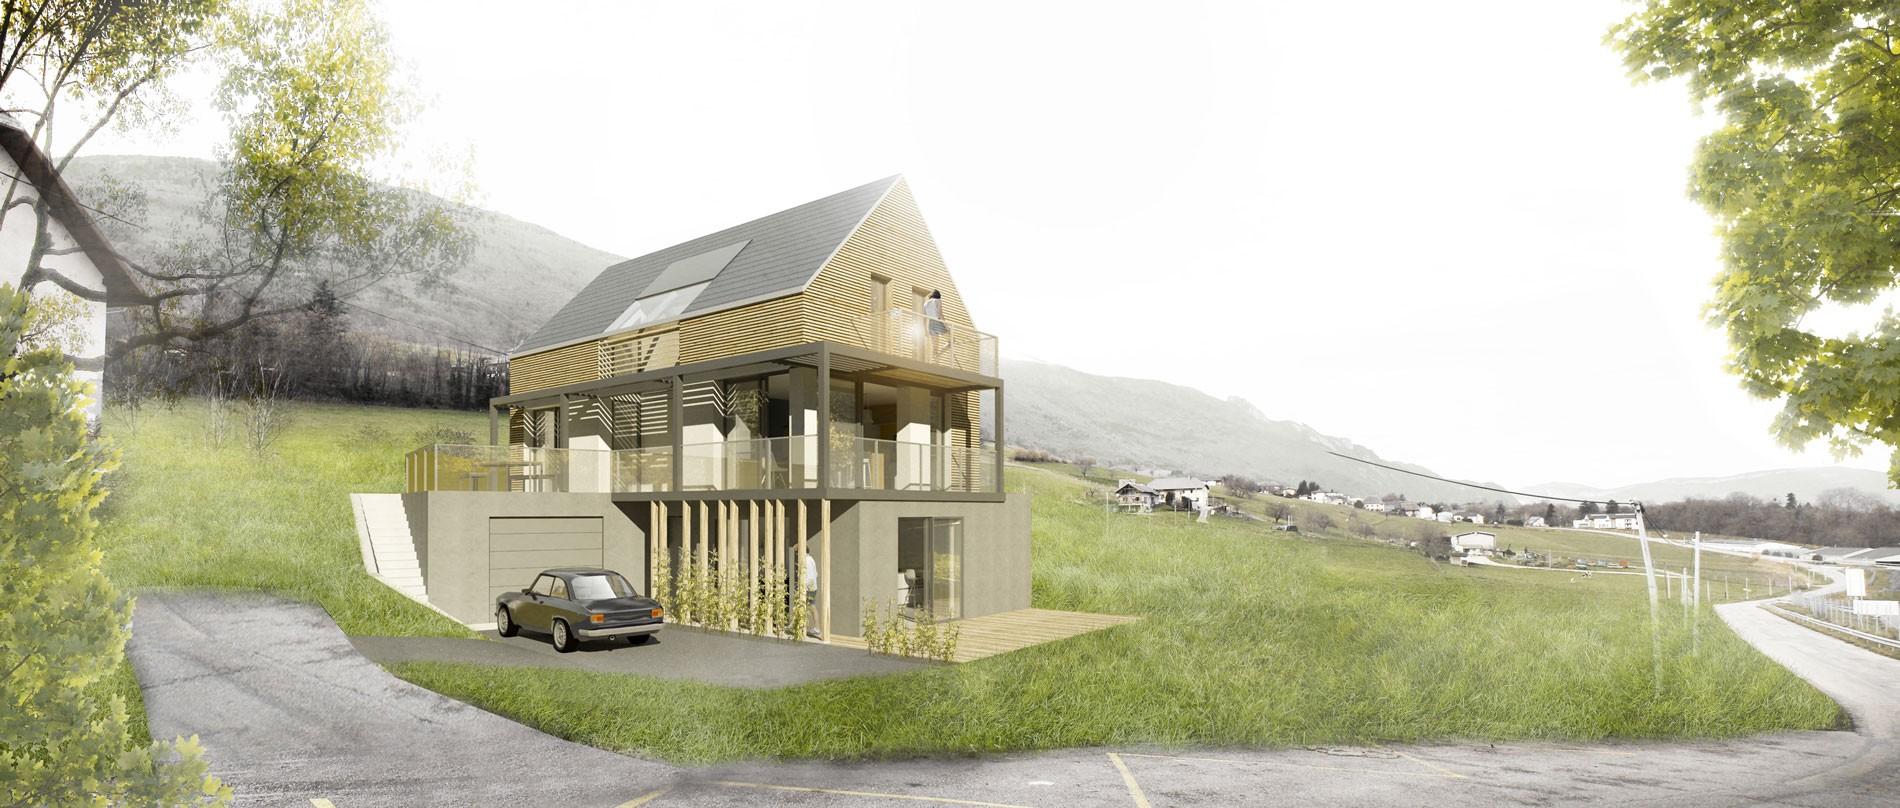 Maison individuelle ossature bois asb architecture for Architecture maison individuelle